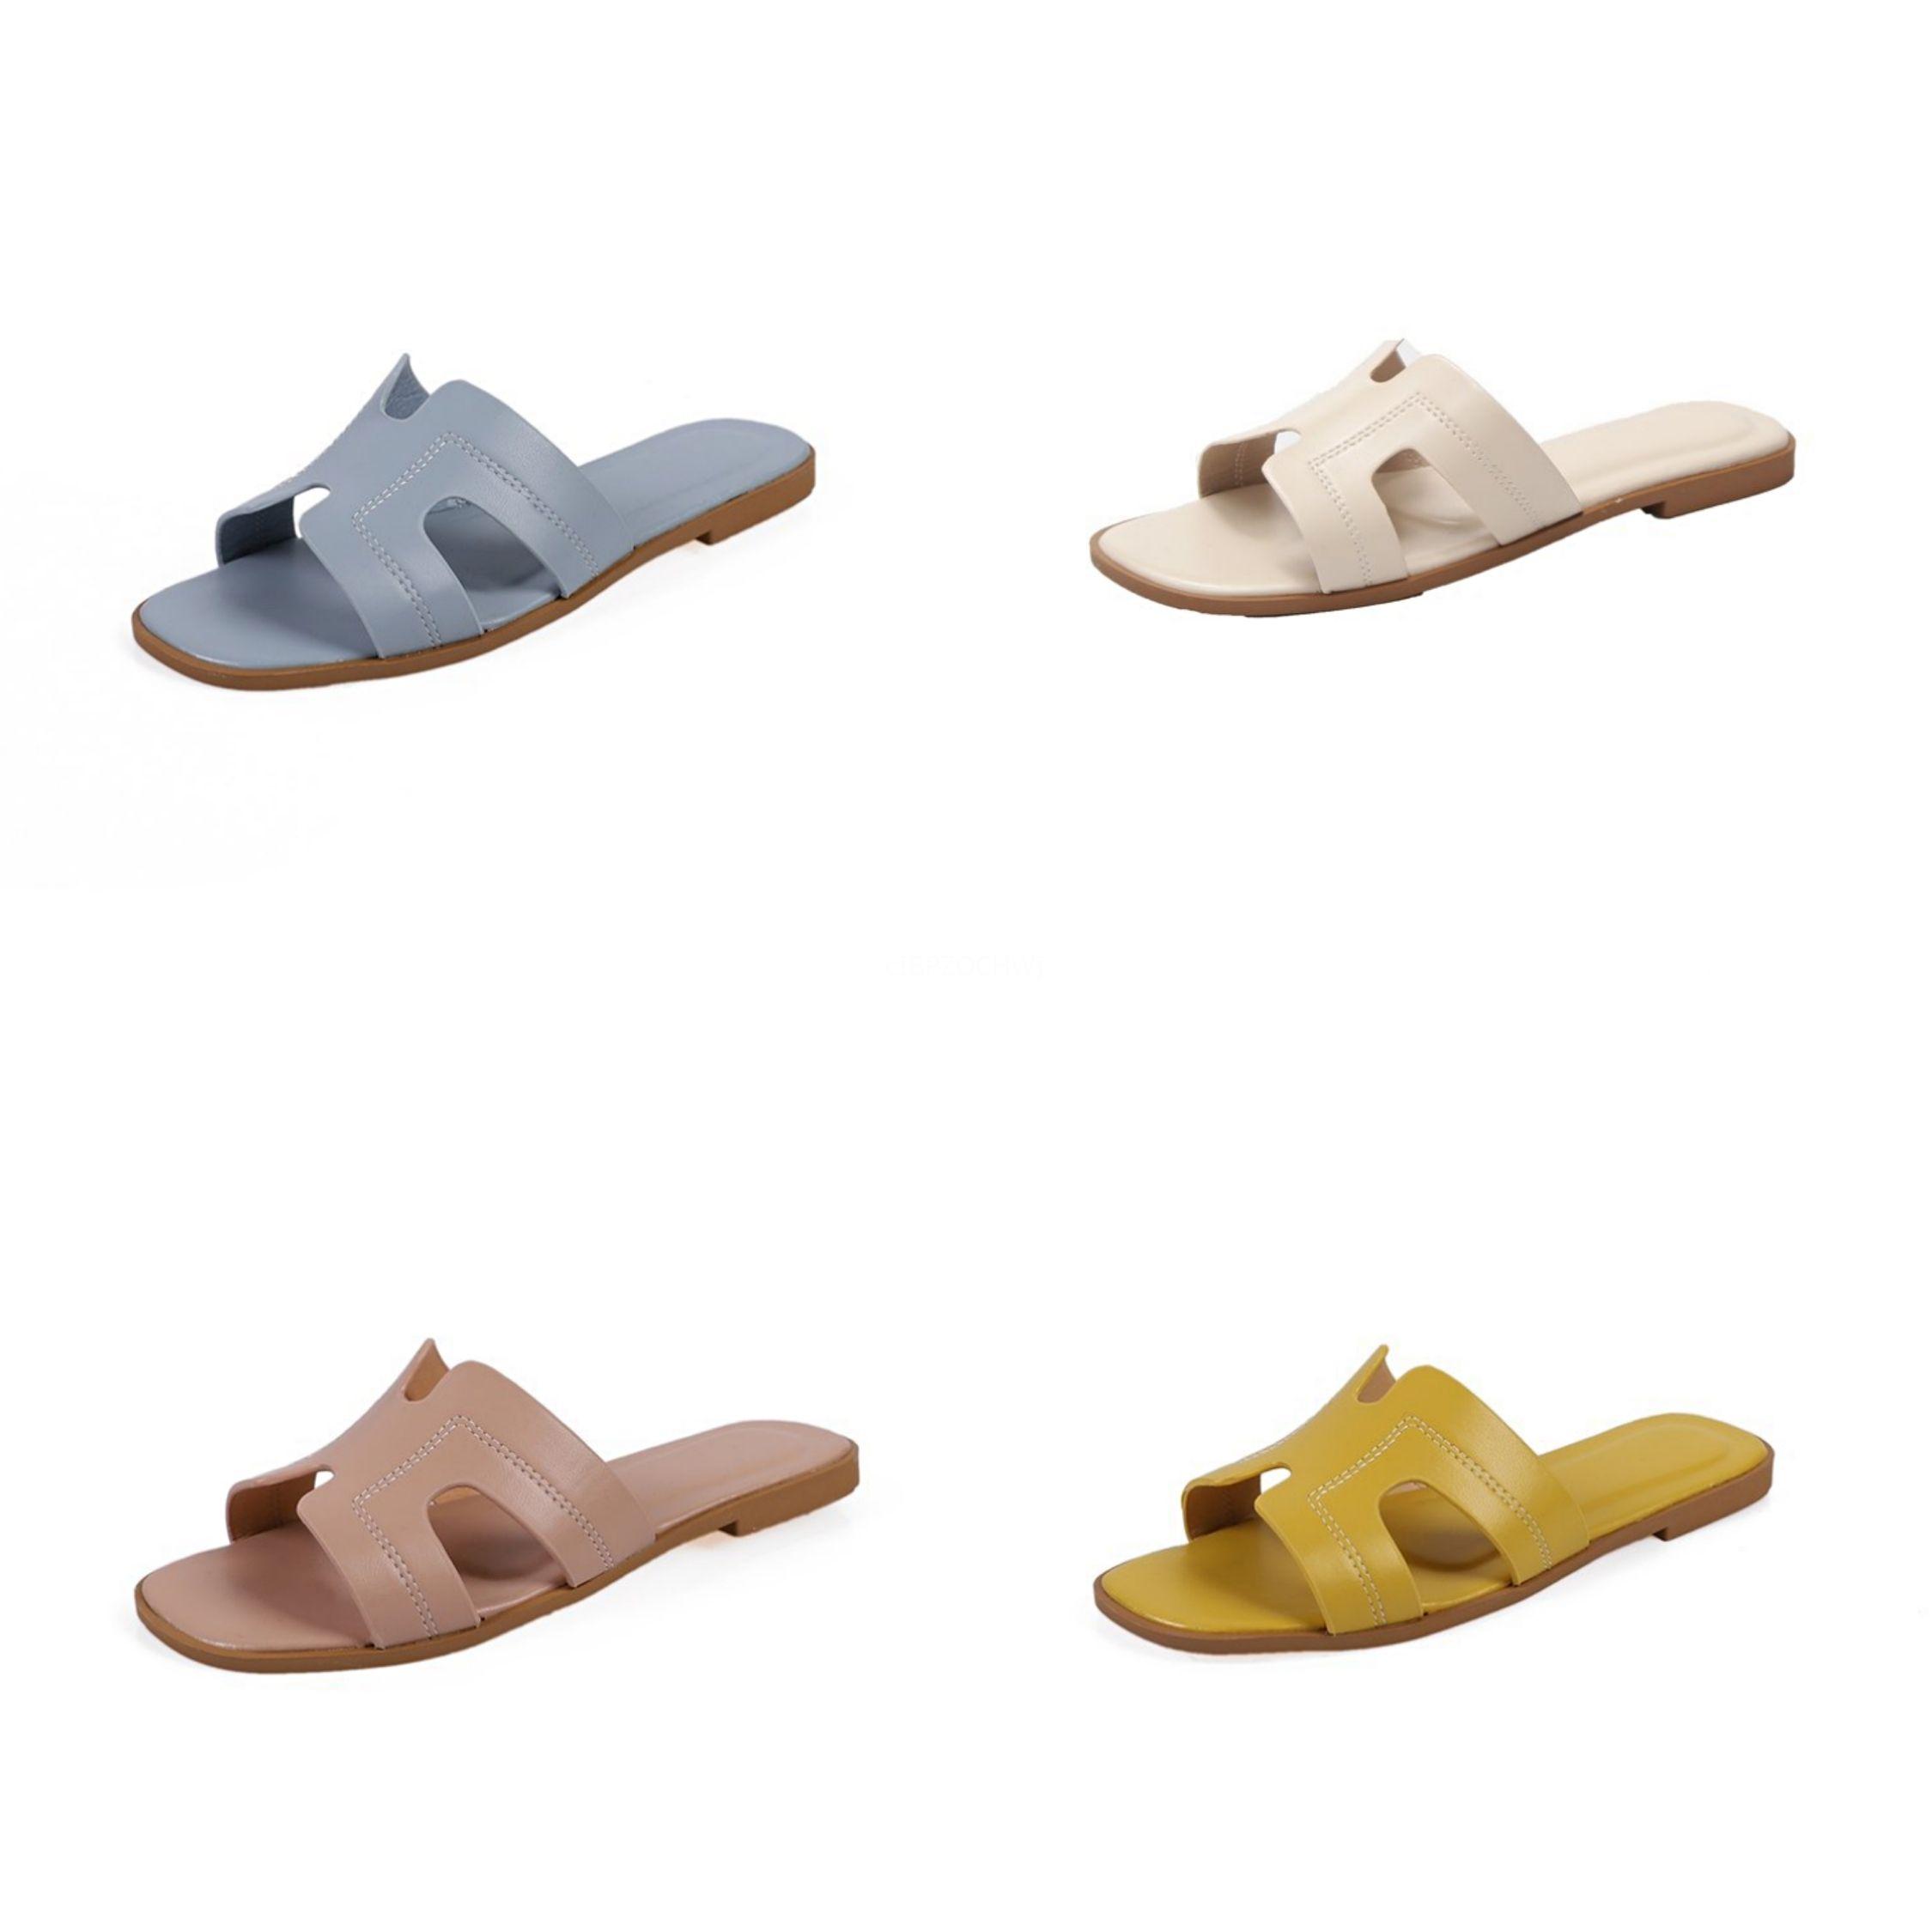 2020 Scarpe Pantofole nero per donna con tacco Espadrillas piattaforma Strappy Heels Anti-Smen Croce Slip-On Mocassini Estate # 616